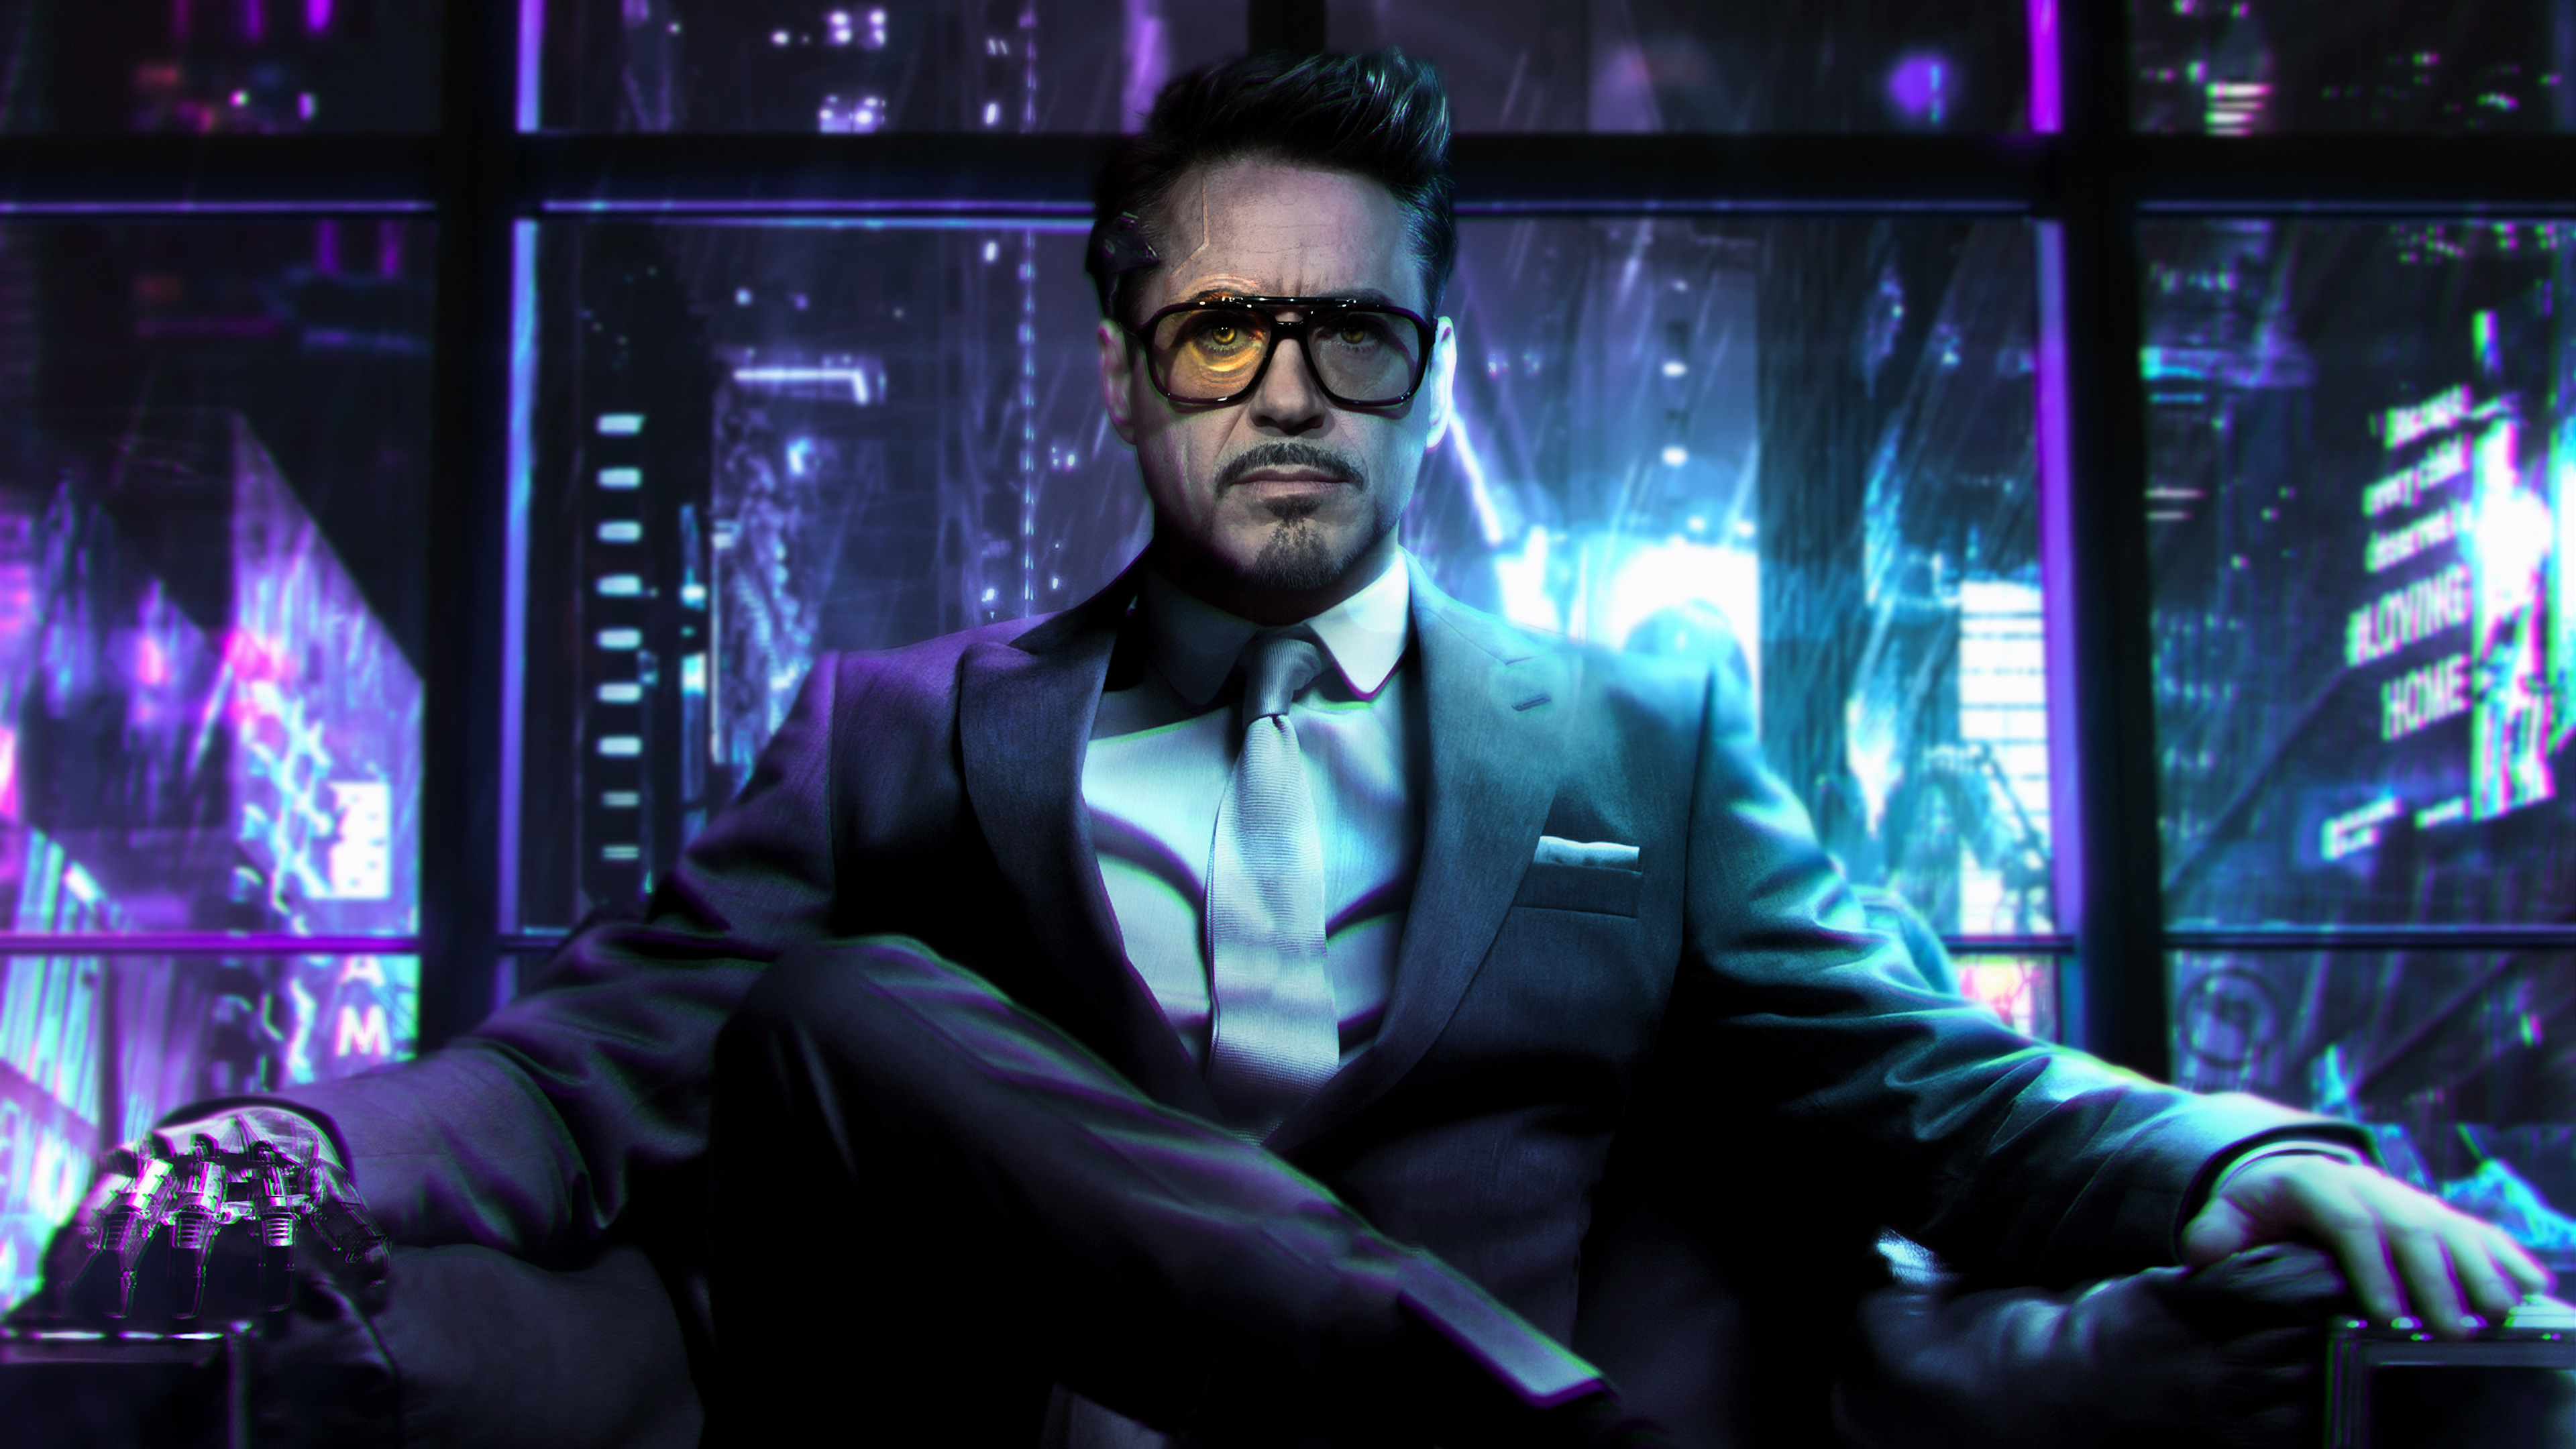 1366x768 Cyberpunk 2077 Tony Stark 1366x768 Resolution HD ...